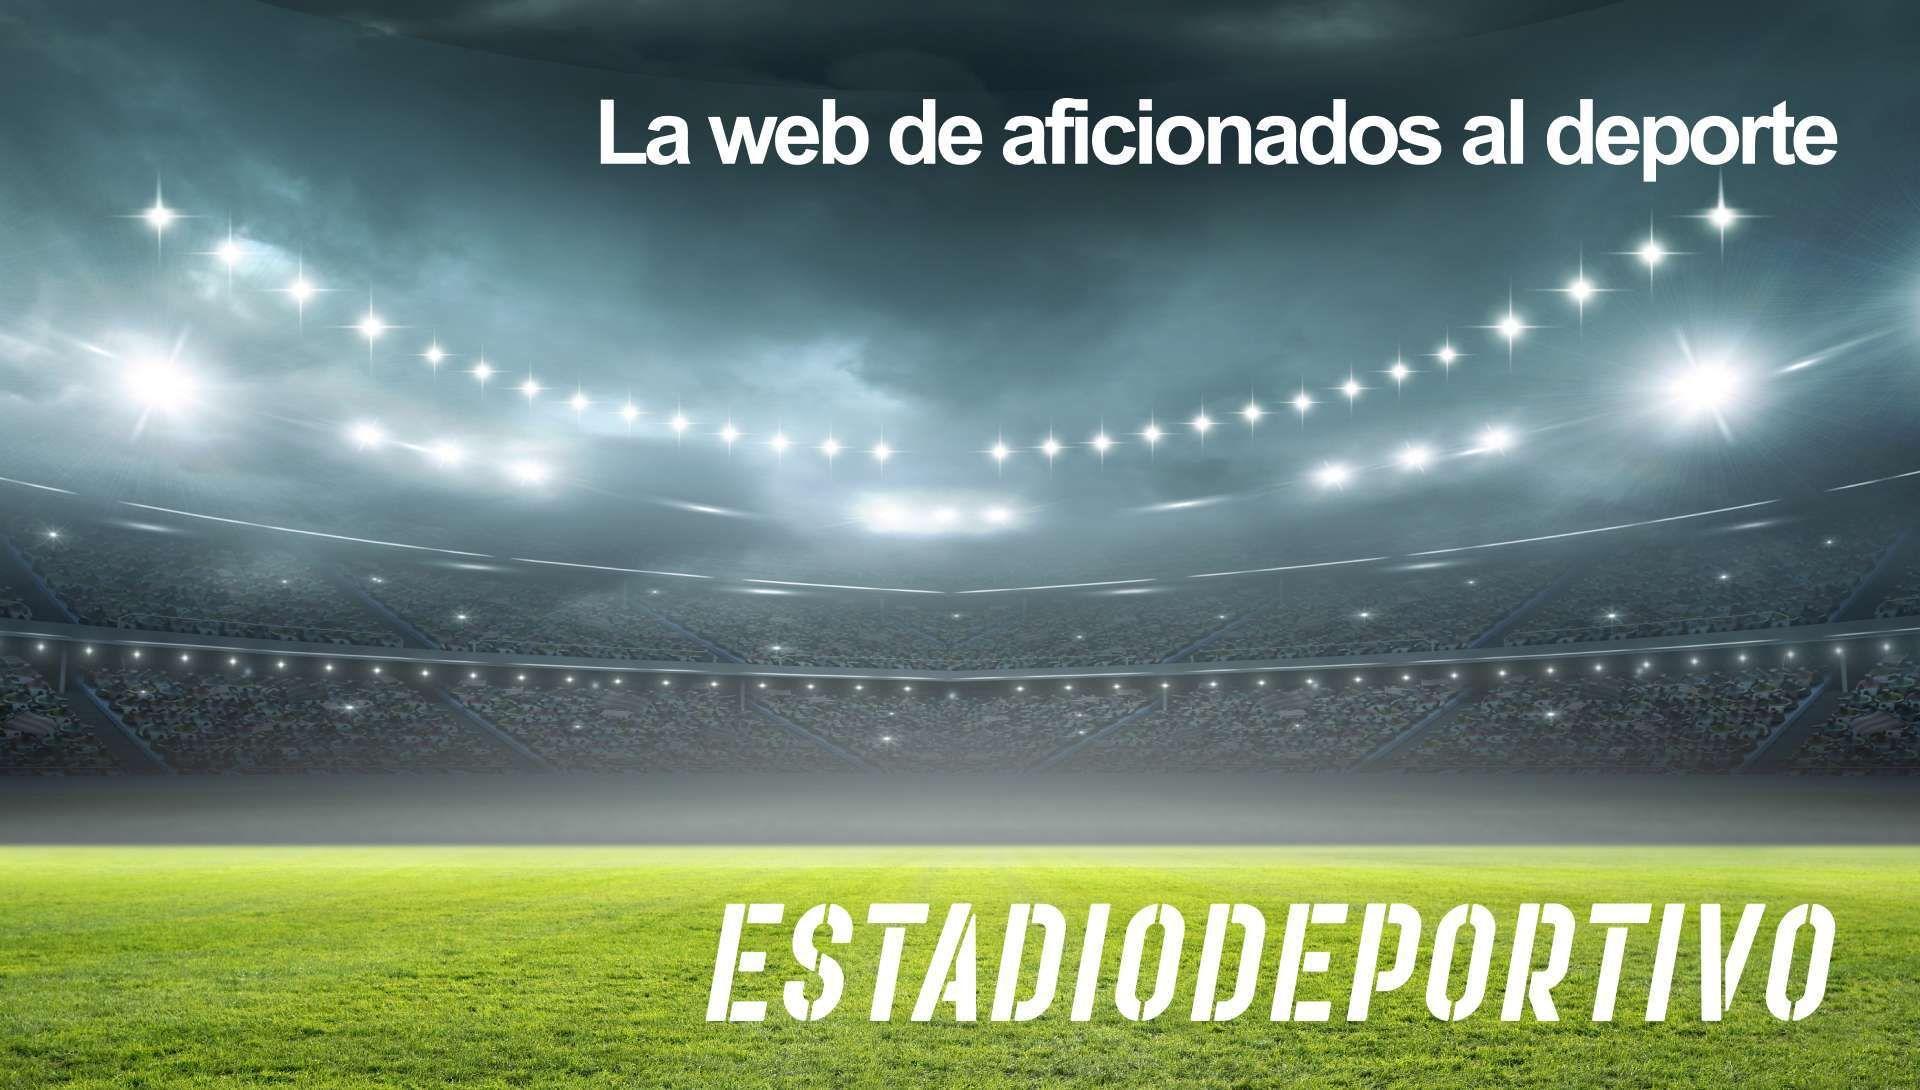 Sale a la venta el chalet de Maradona en Sevilla